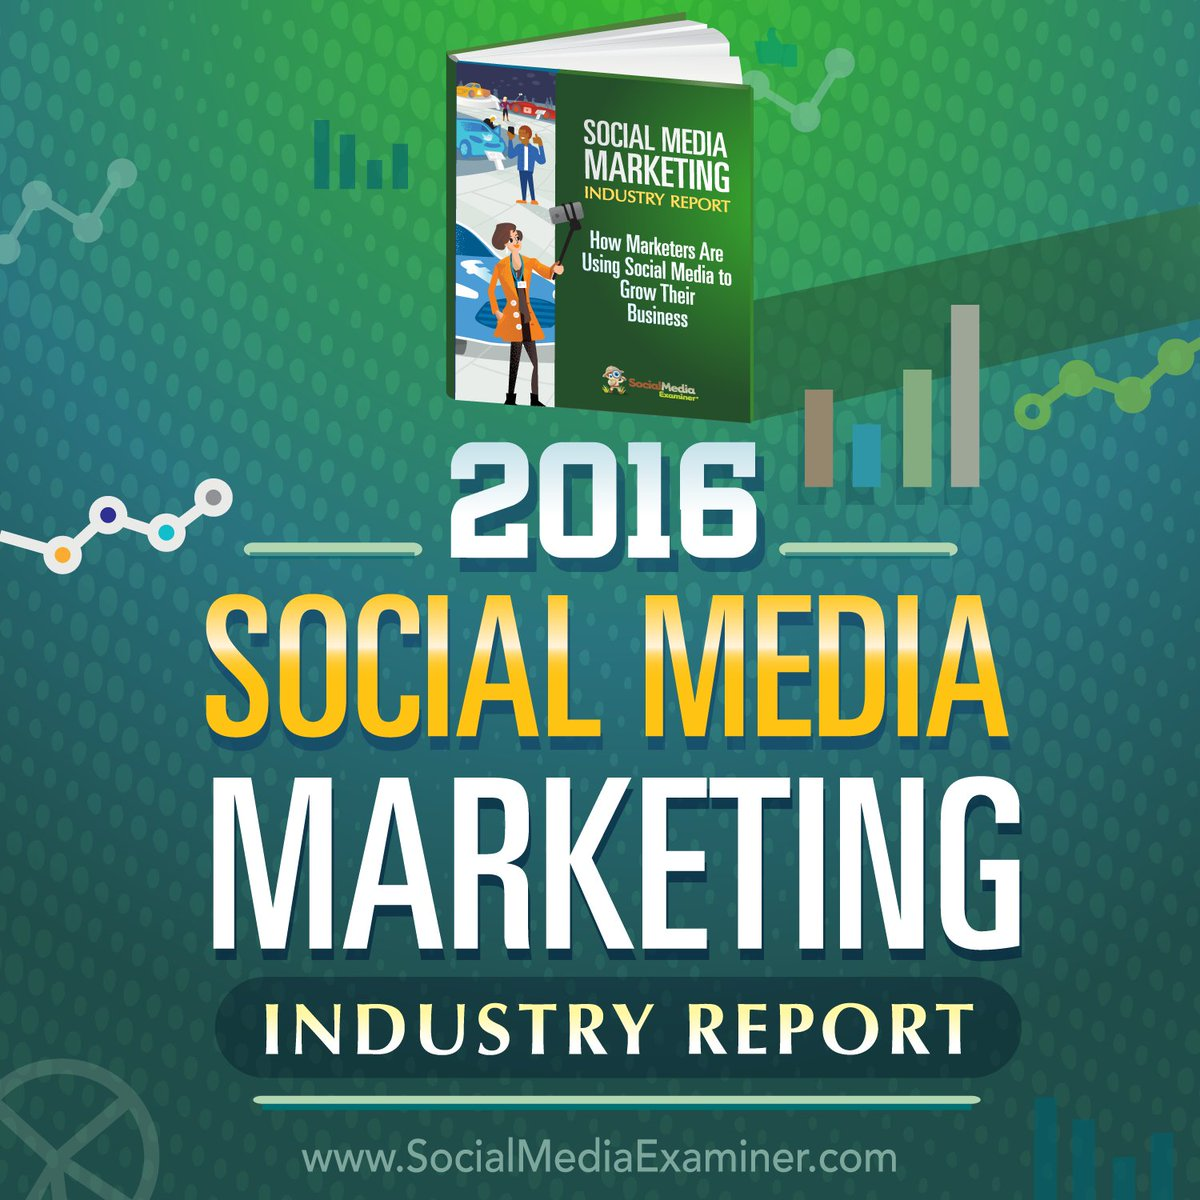 NEW: 2016 #SocialMedia #Marketing Industry Report https://t.co/a4wcz7J4ce by @Mike_Stelzner https://t.co/OAOtwS9FST